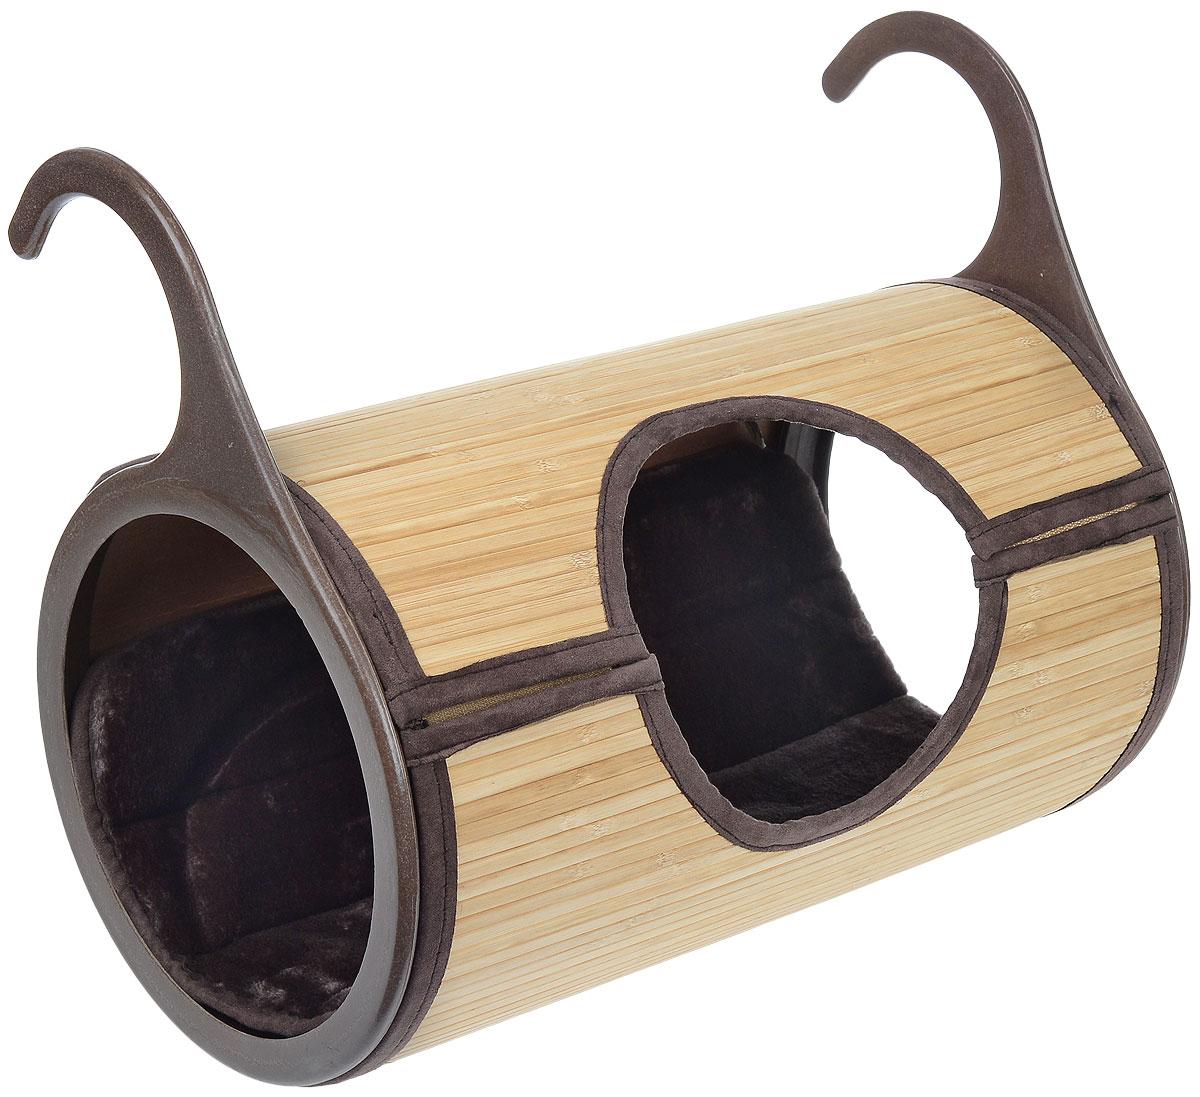 Лежанка на радиатор отопления Fauna Arlette, 28 см х 40 см х 47,5 смFICR-1214Лежанка Fauna Arlette изготовлена из природного материала - бамбуковых листьев. Крепится на радиатор при помощи двух пластиковых крючков. В комплекте - удобная меховая подушка. Изделие легко собирается и быстро разбирается. Подарите вашей кошке тепло бамбукового леса! Природные материалы и форма раскроют инстинкты вашего питомца и сделают его игры увлекательнее, а сон спокойнее. Размер подушки: 46,5 см х 33 см.